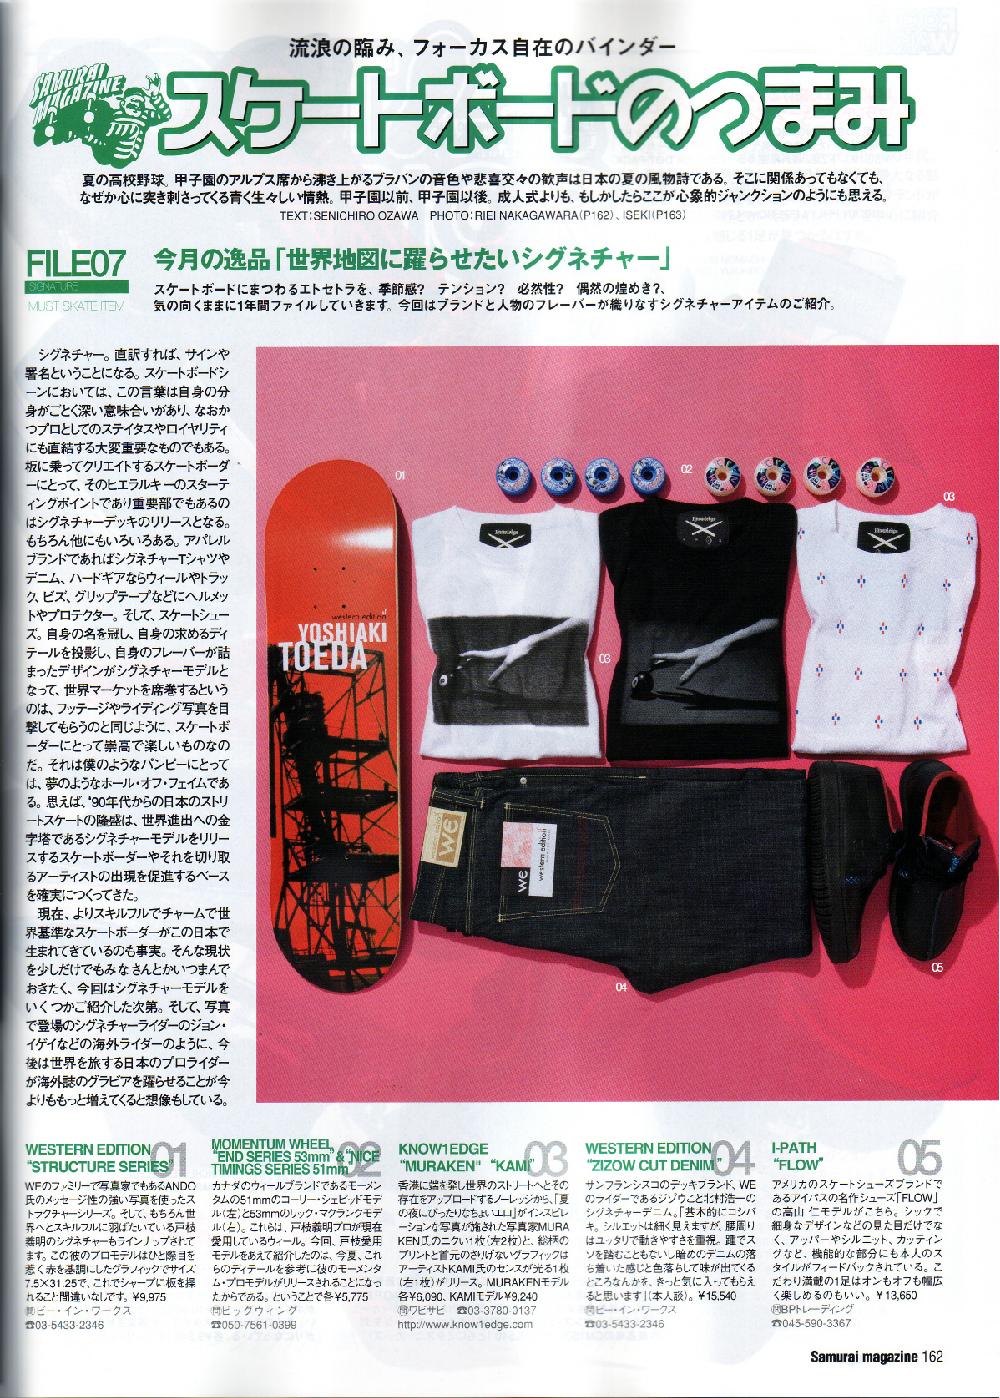 09_7_7_samurai_momentum